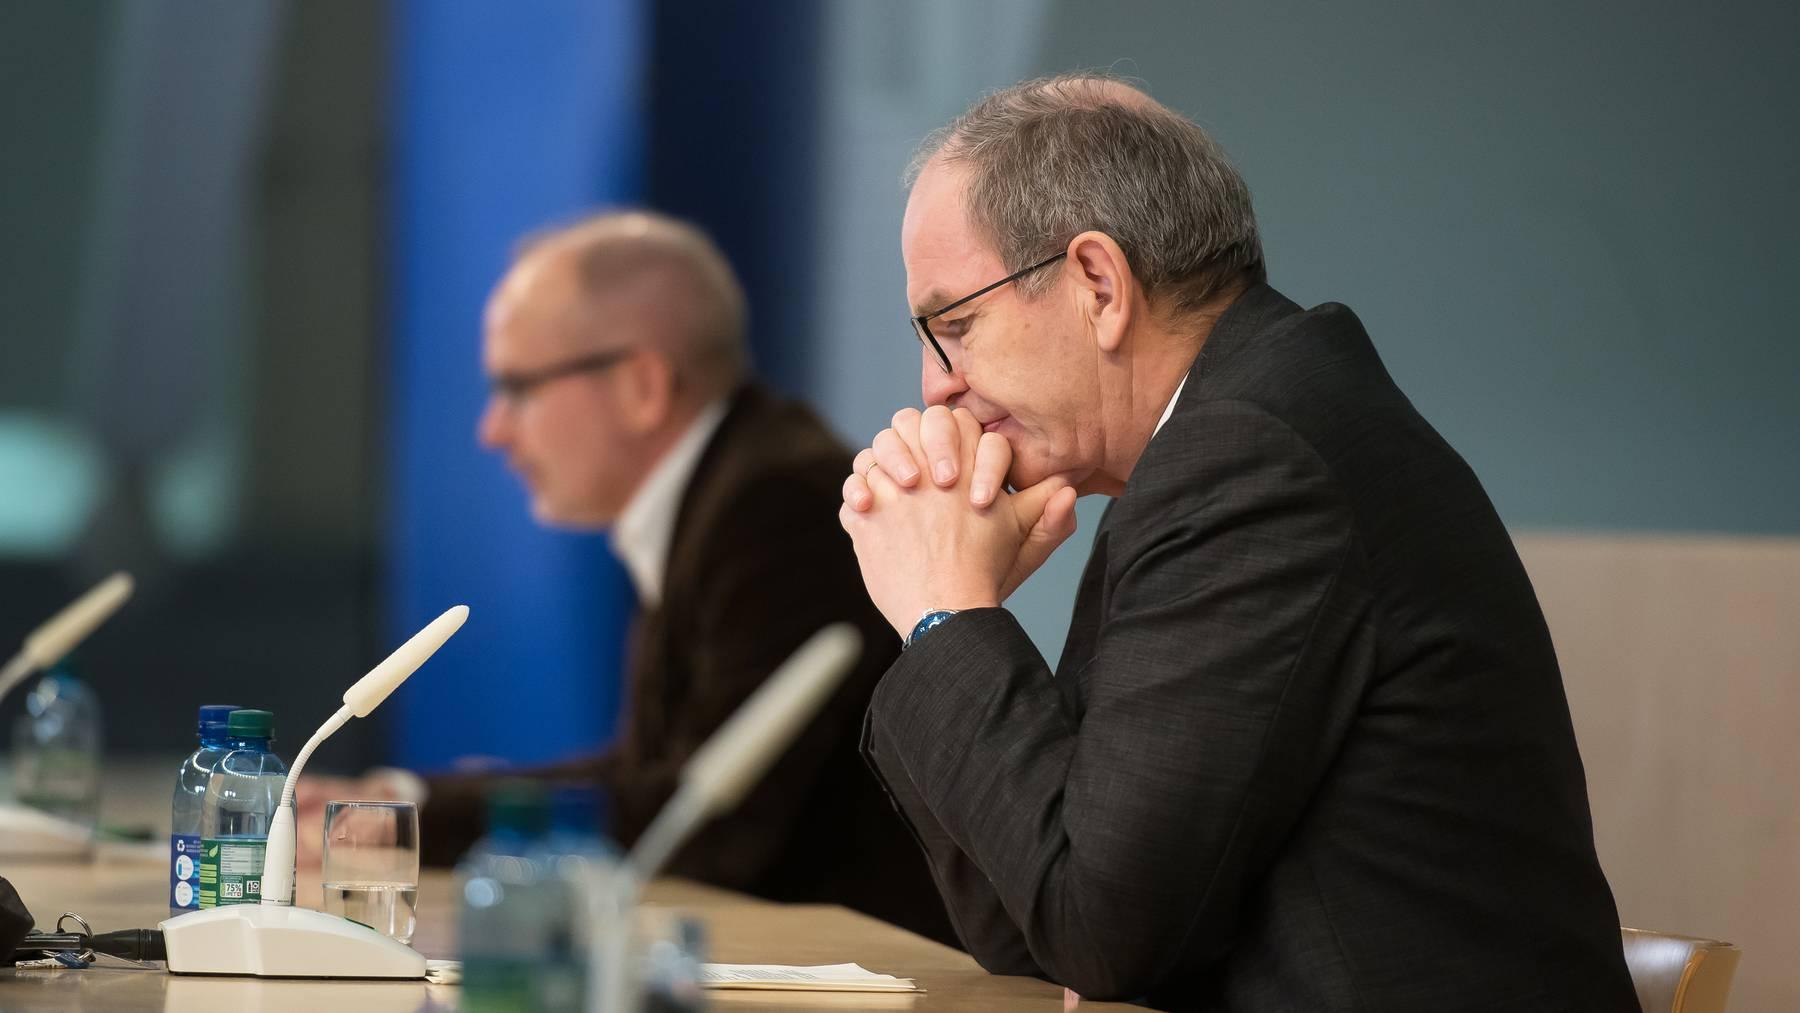 Die St.Galler Regierungsräte Stefan Kölliker und Bruno Damann bei der Medienkonferenz vom 19. Dezember.